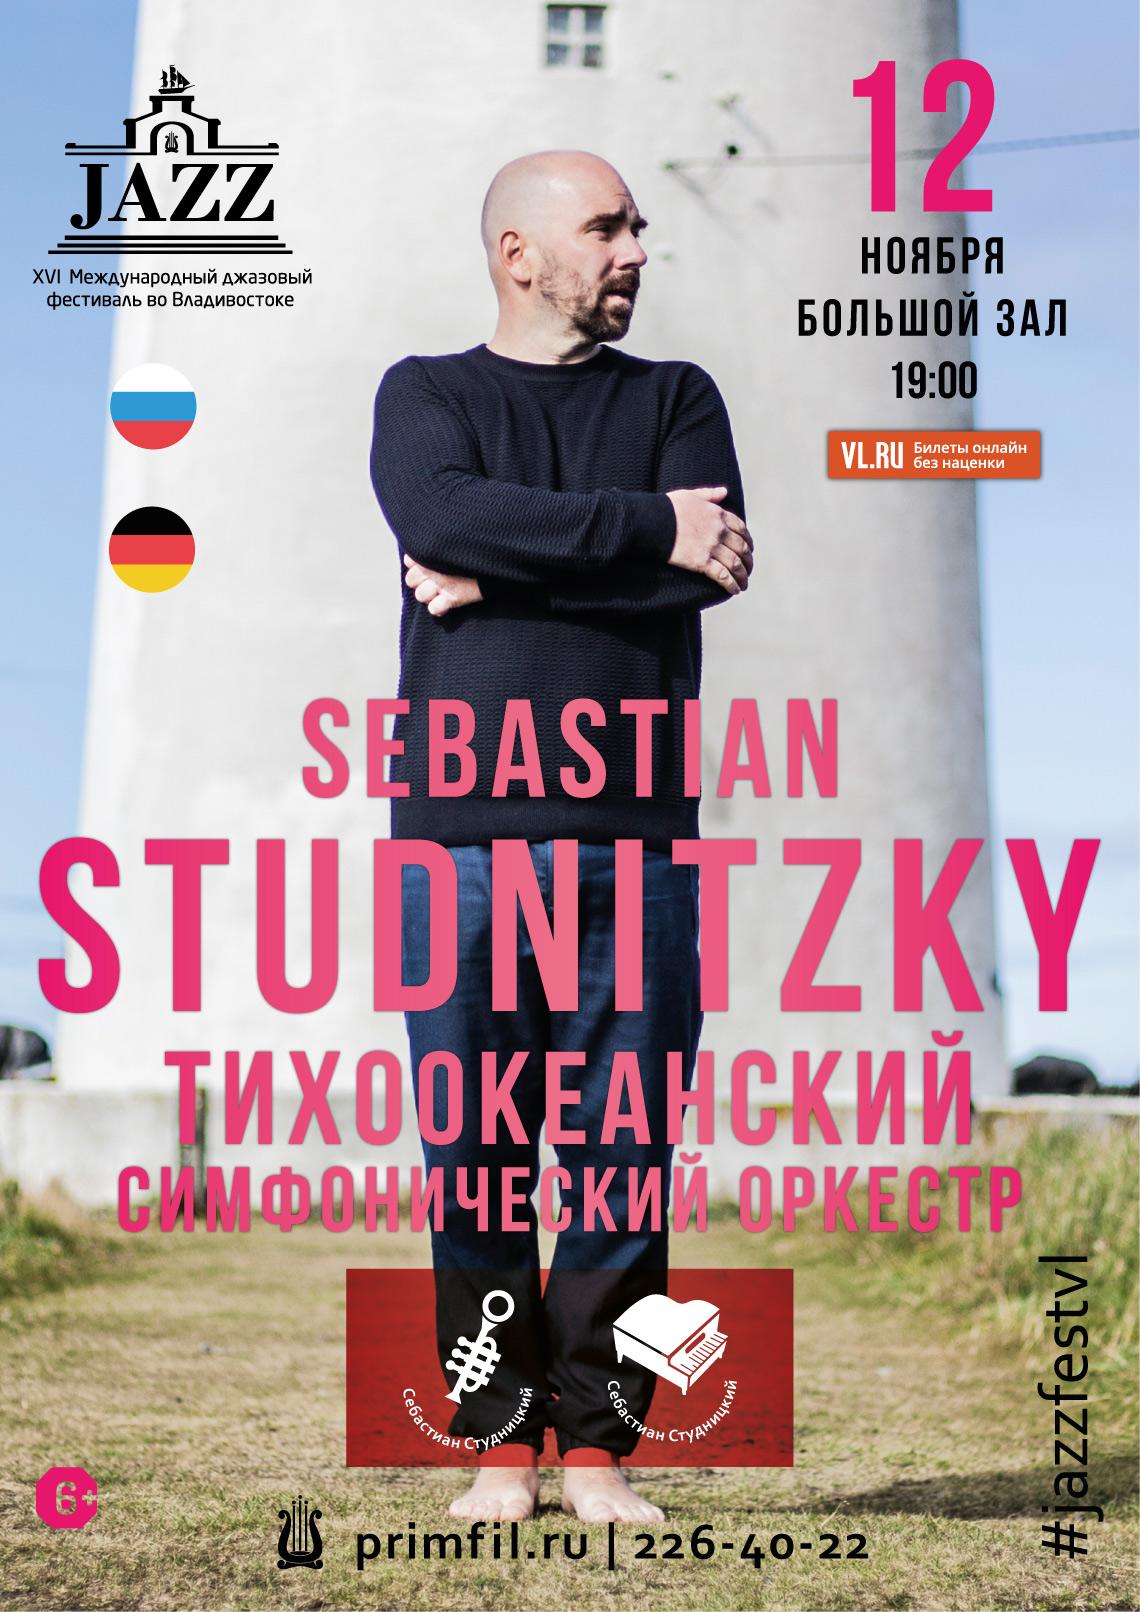 12 ноября  Себастиан Студницкий  Тихоокеанский симфонический оркестр